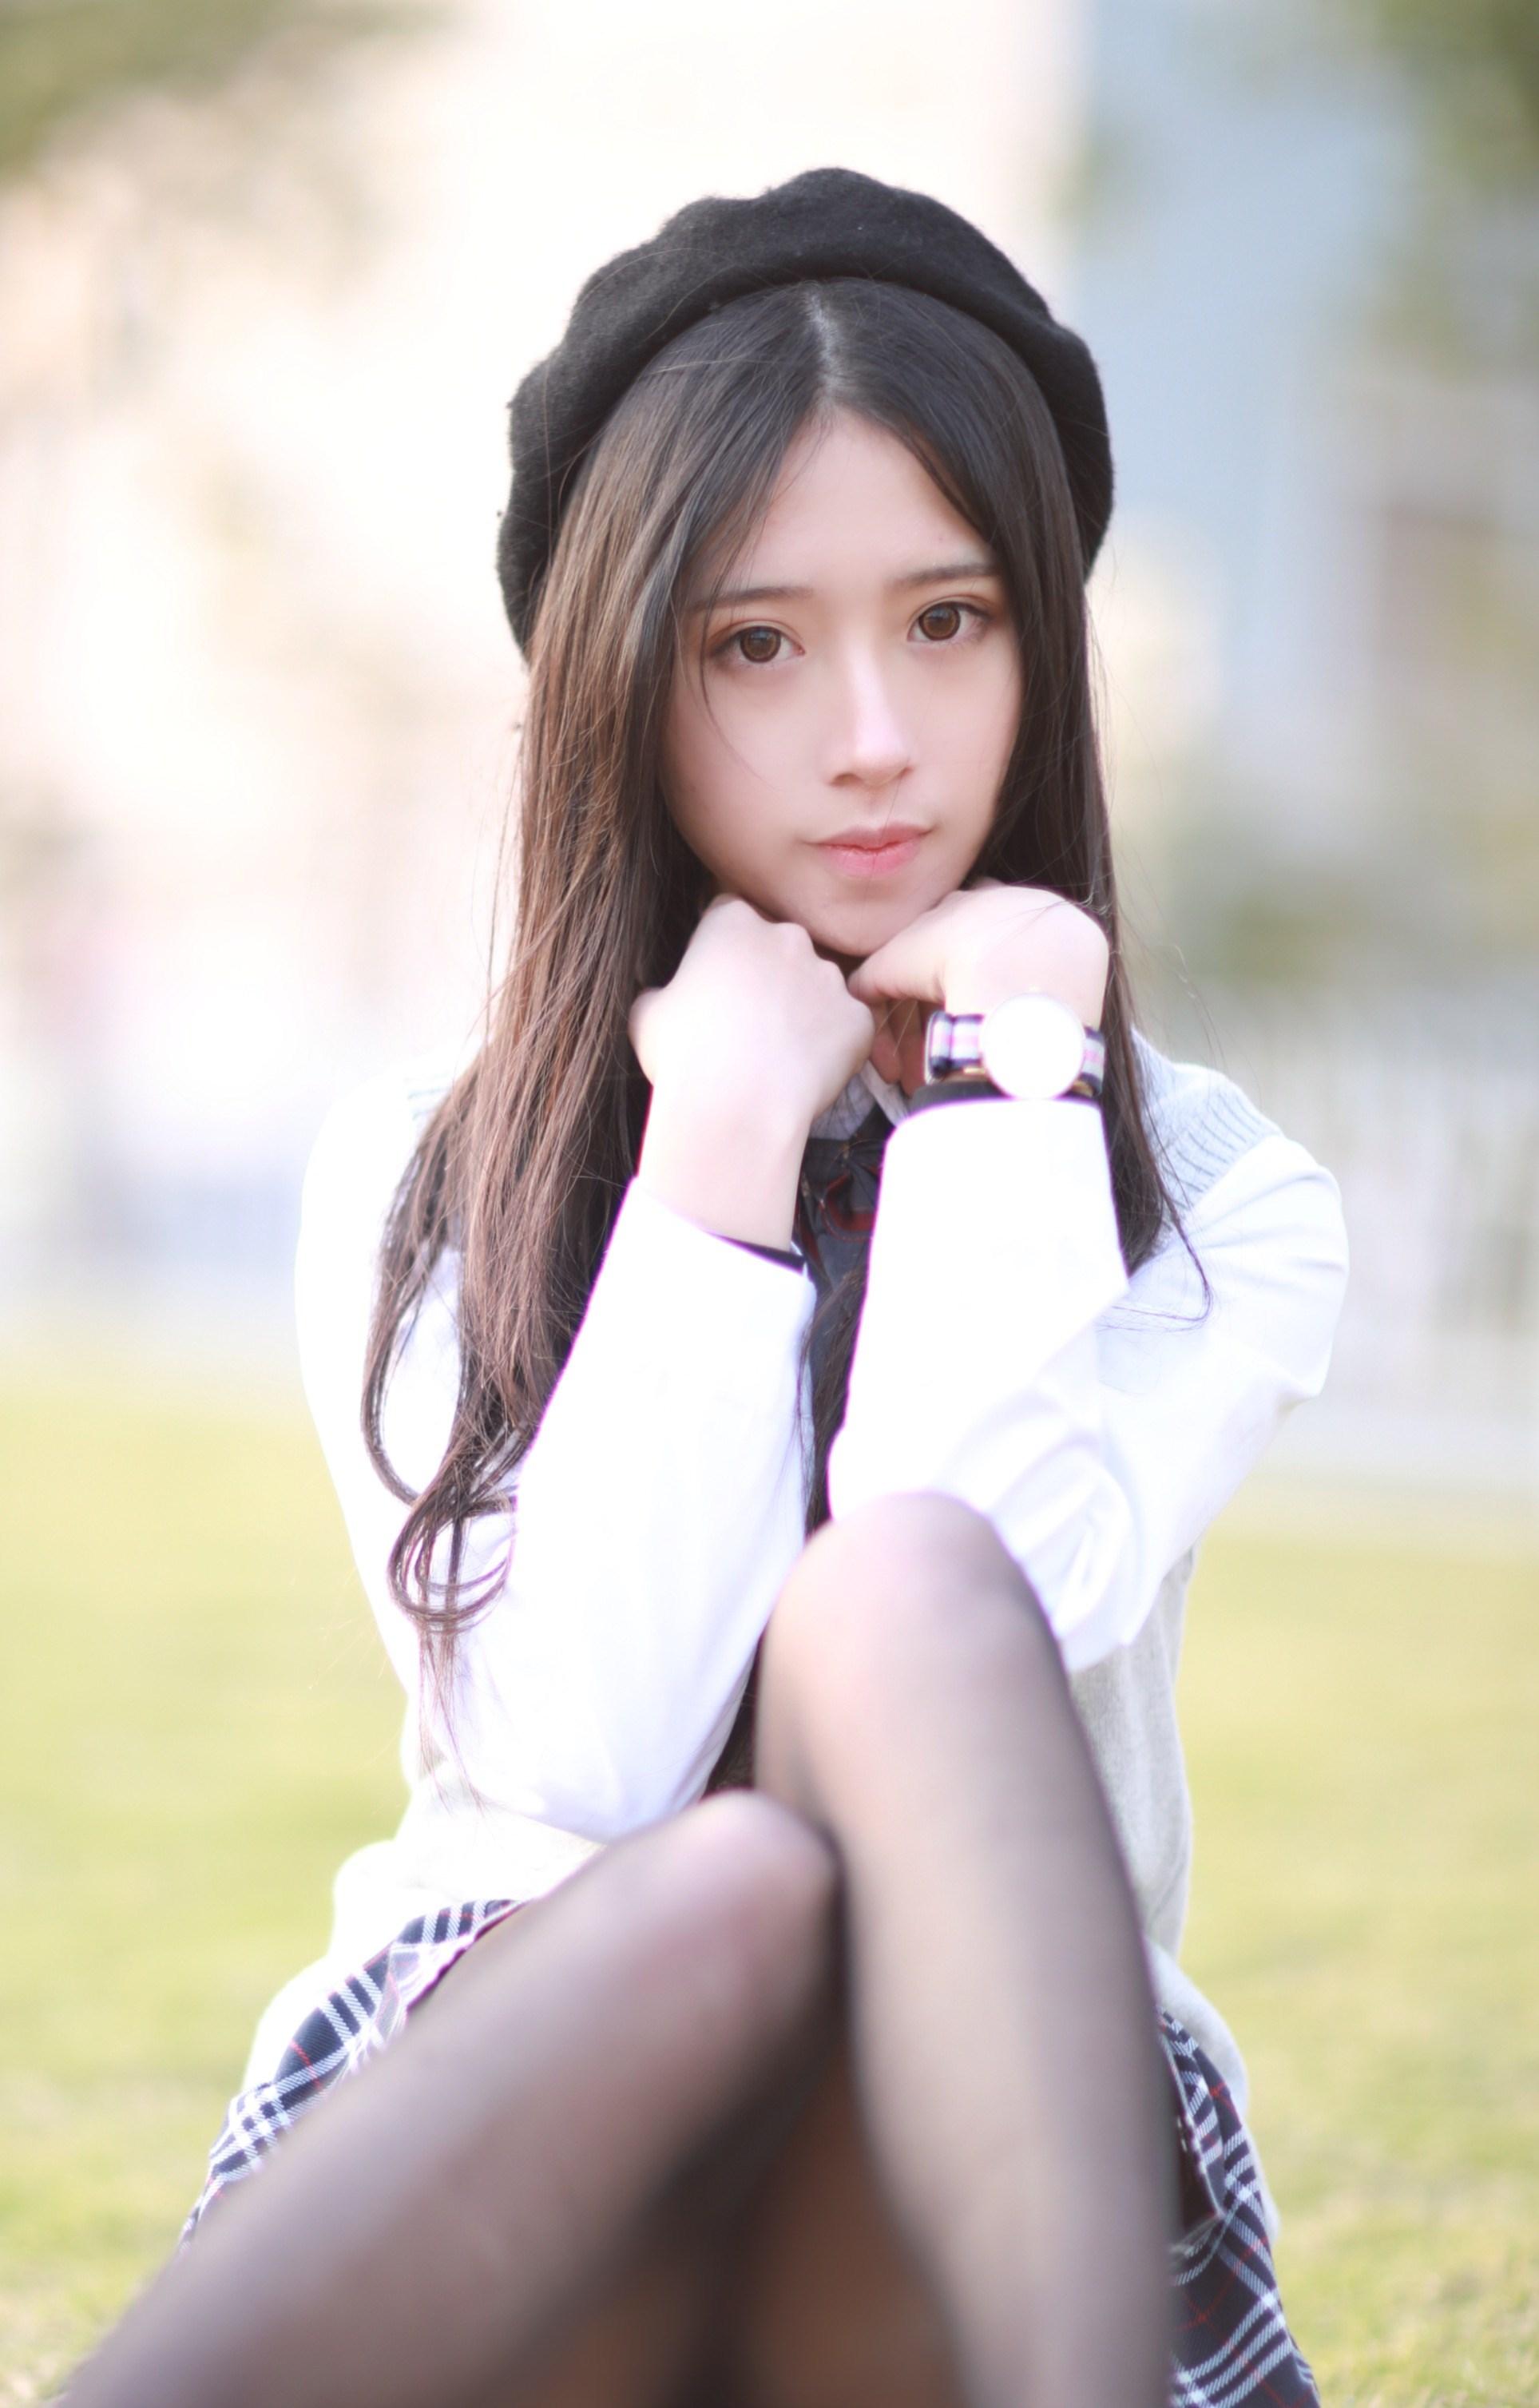 【兔玩映画】制服黑丝 兔玩映画 第23张